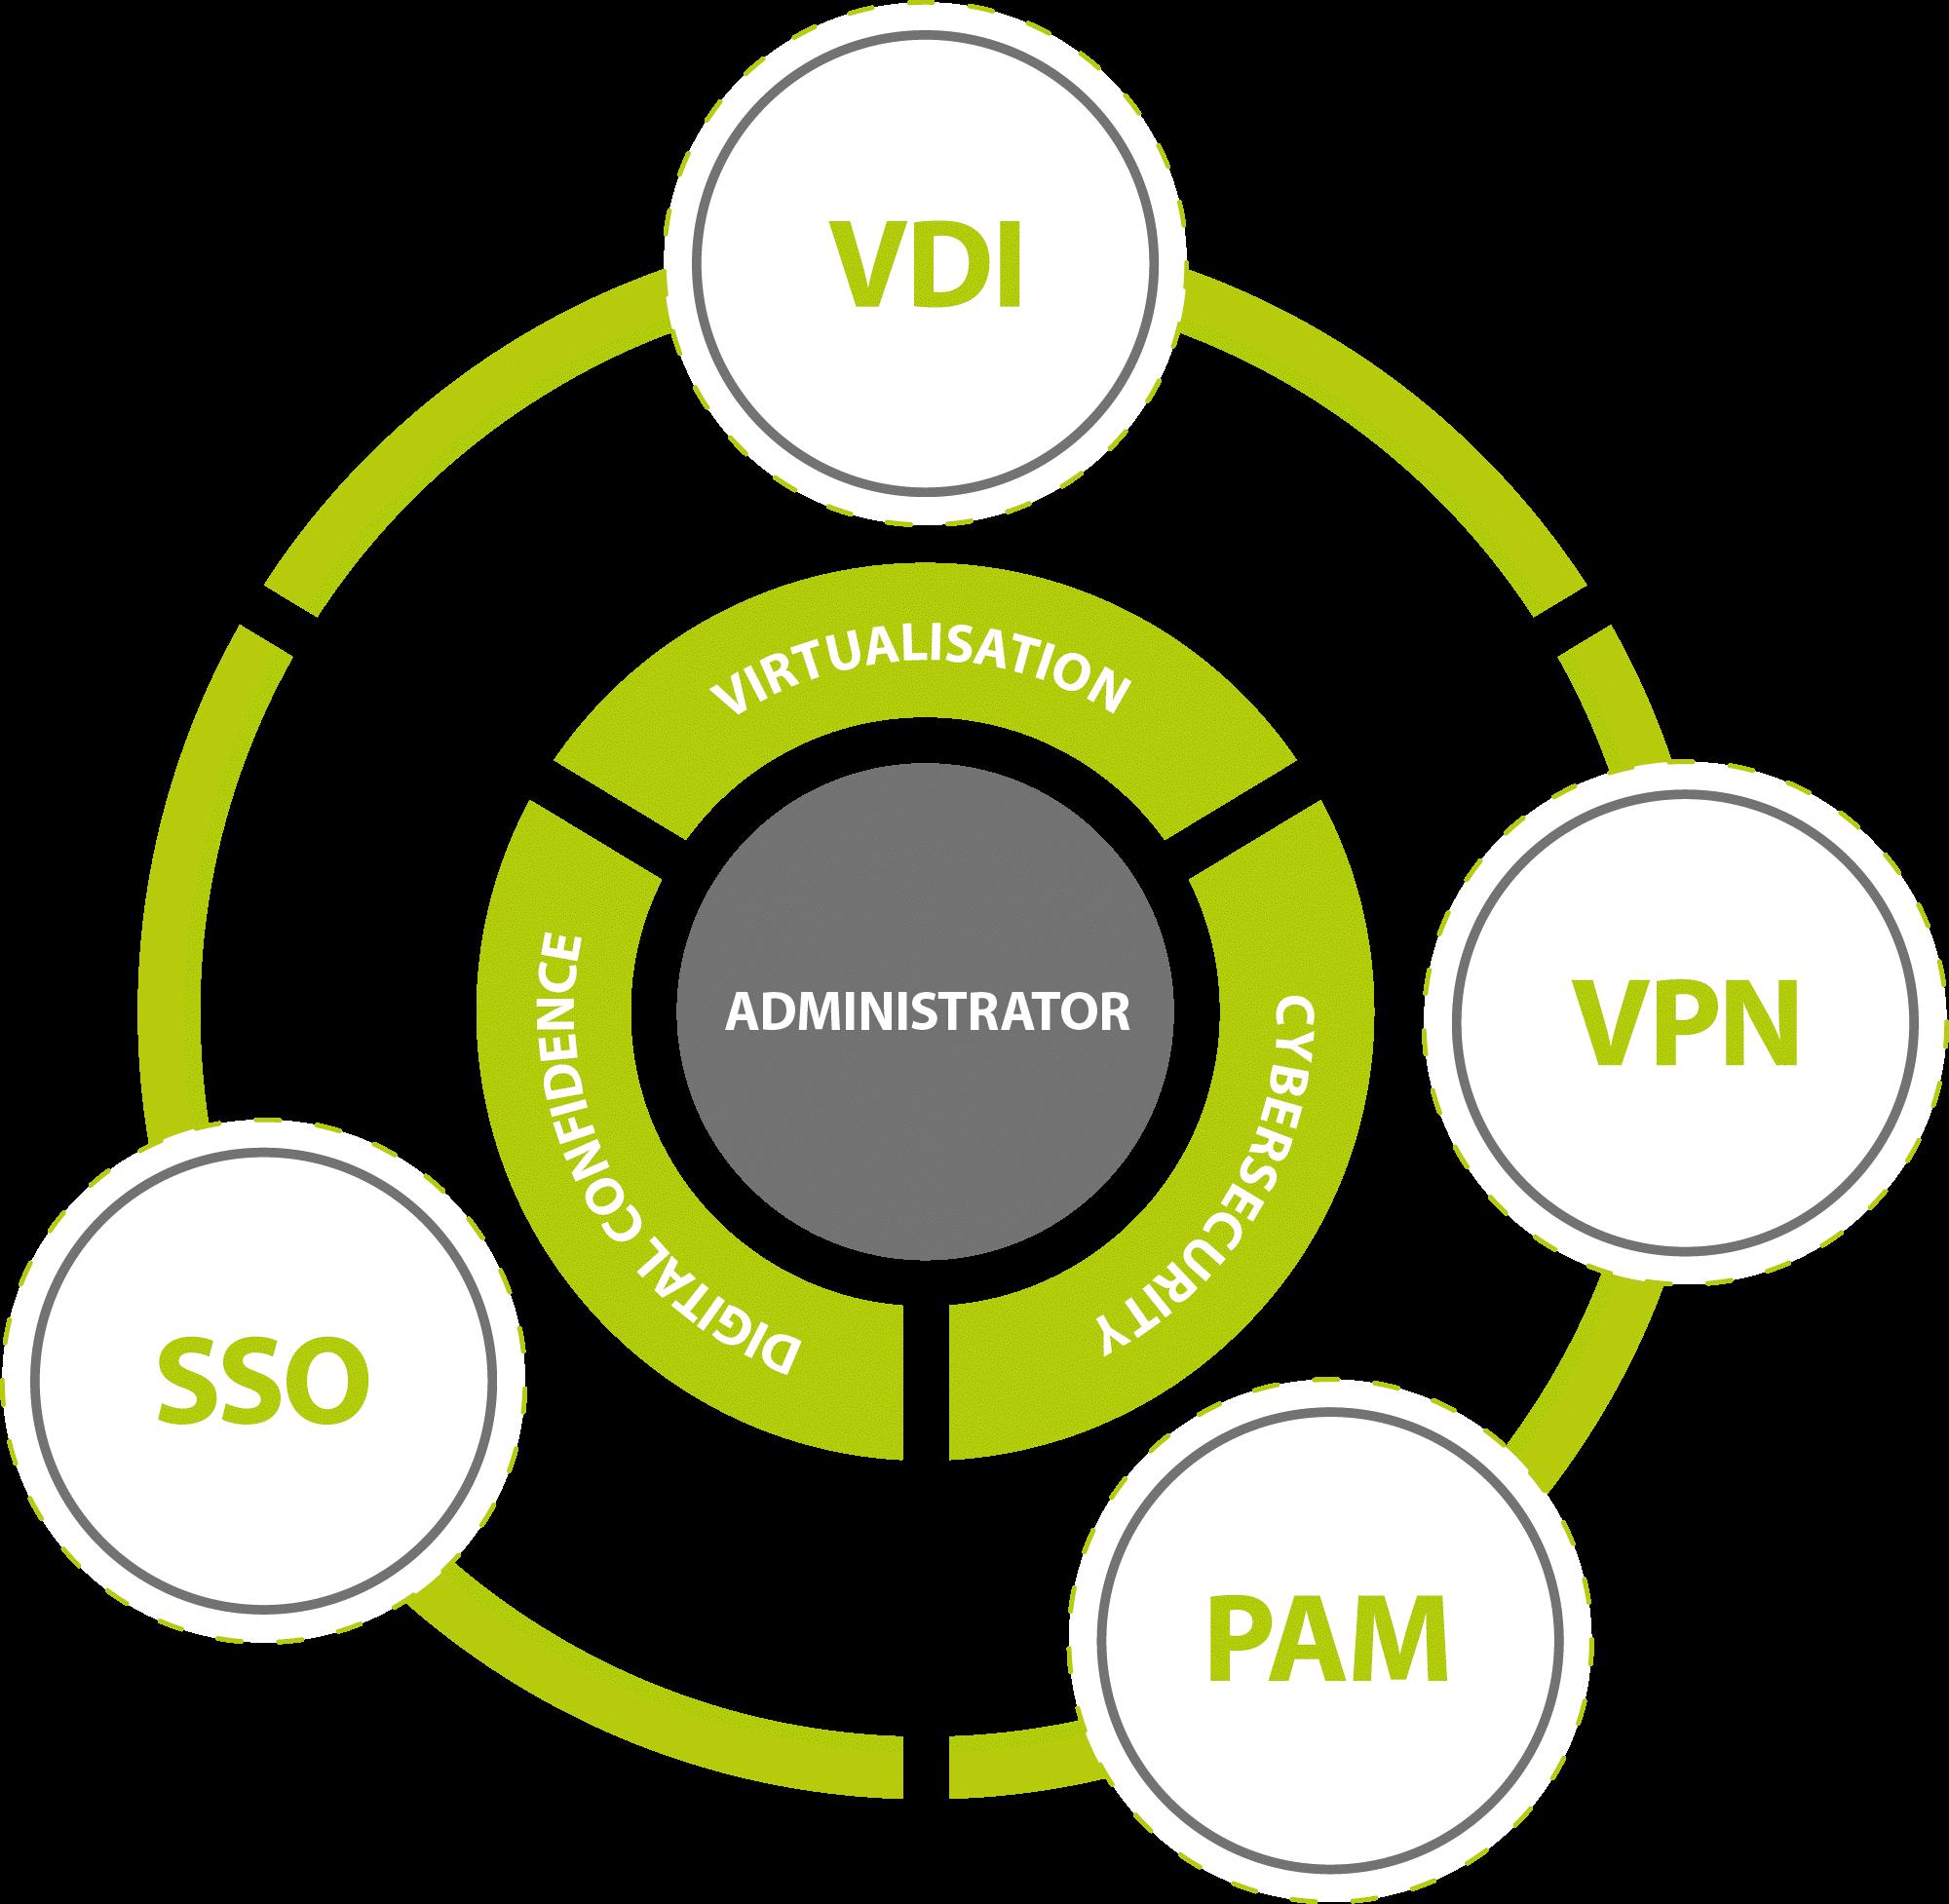 Cleanroom-PAM-VDI-SSO-VPN